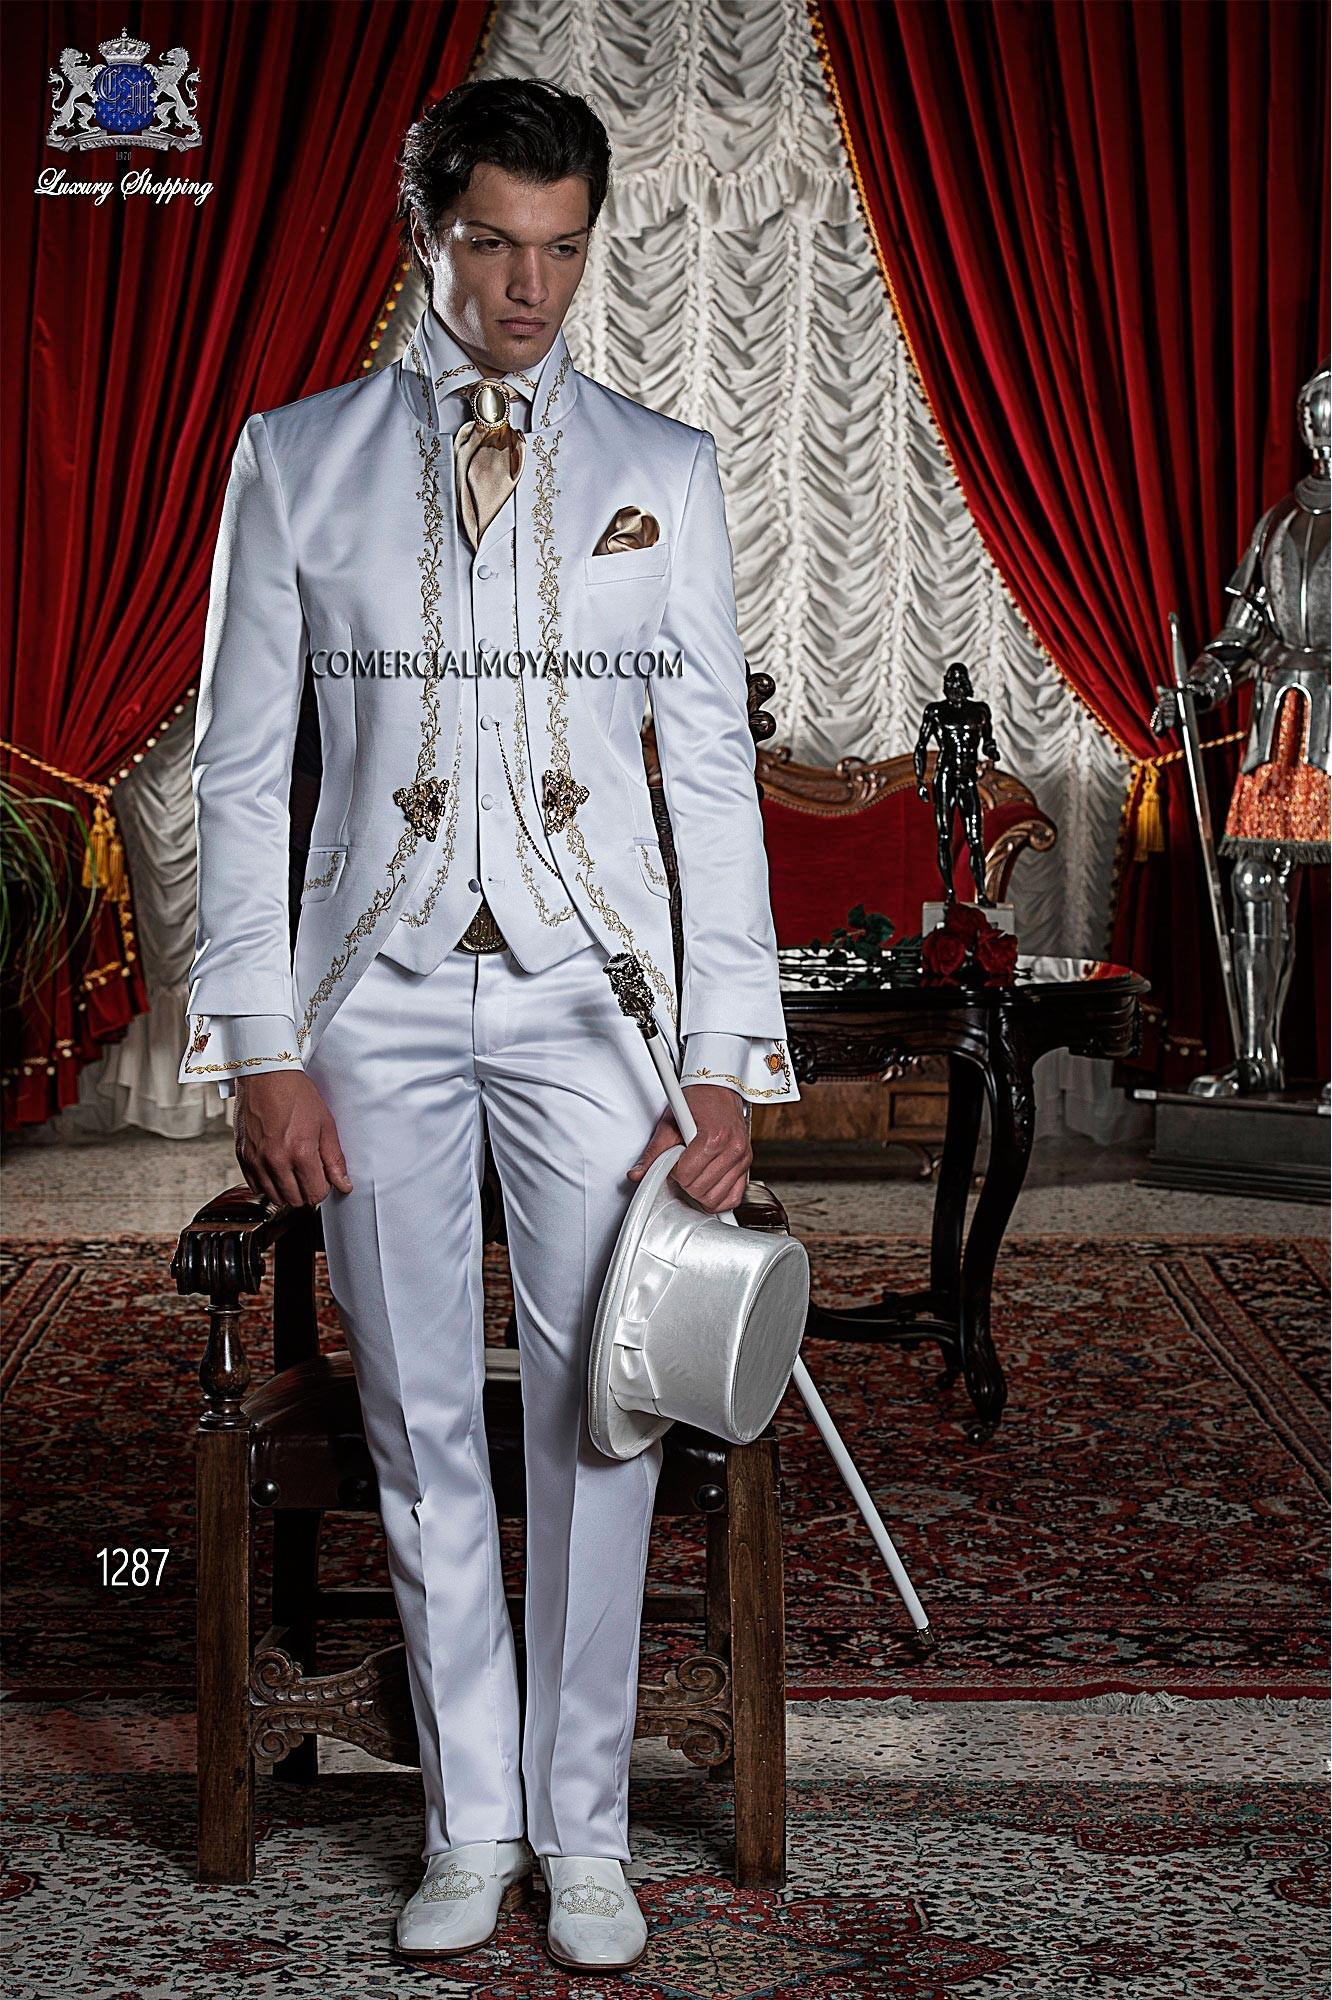 Italienisch maßgeschneiderte weißen Hochzeitsanzug Stil 1287 ON Gala.